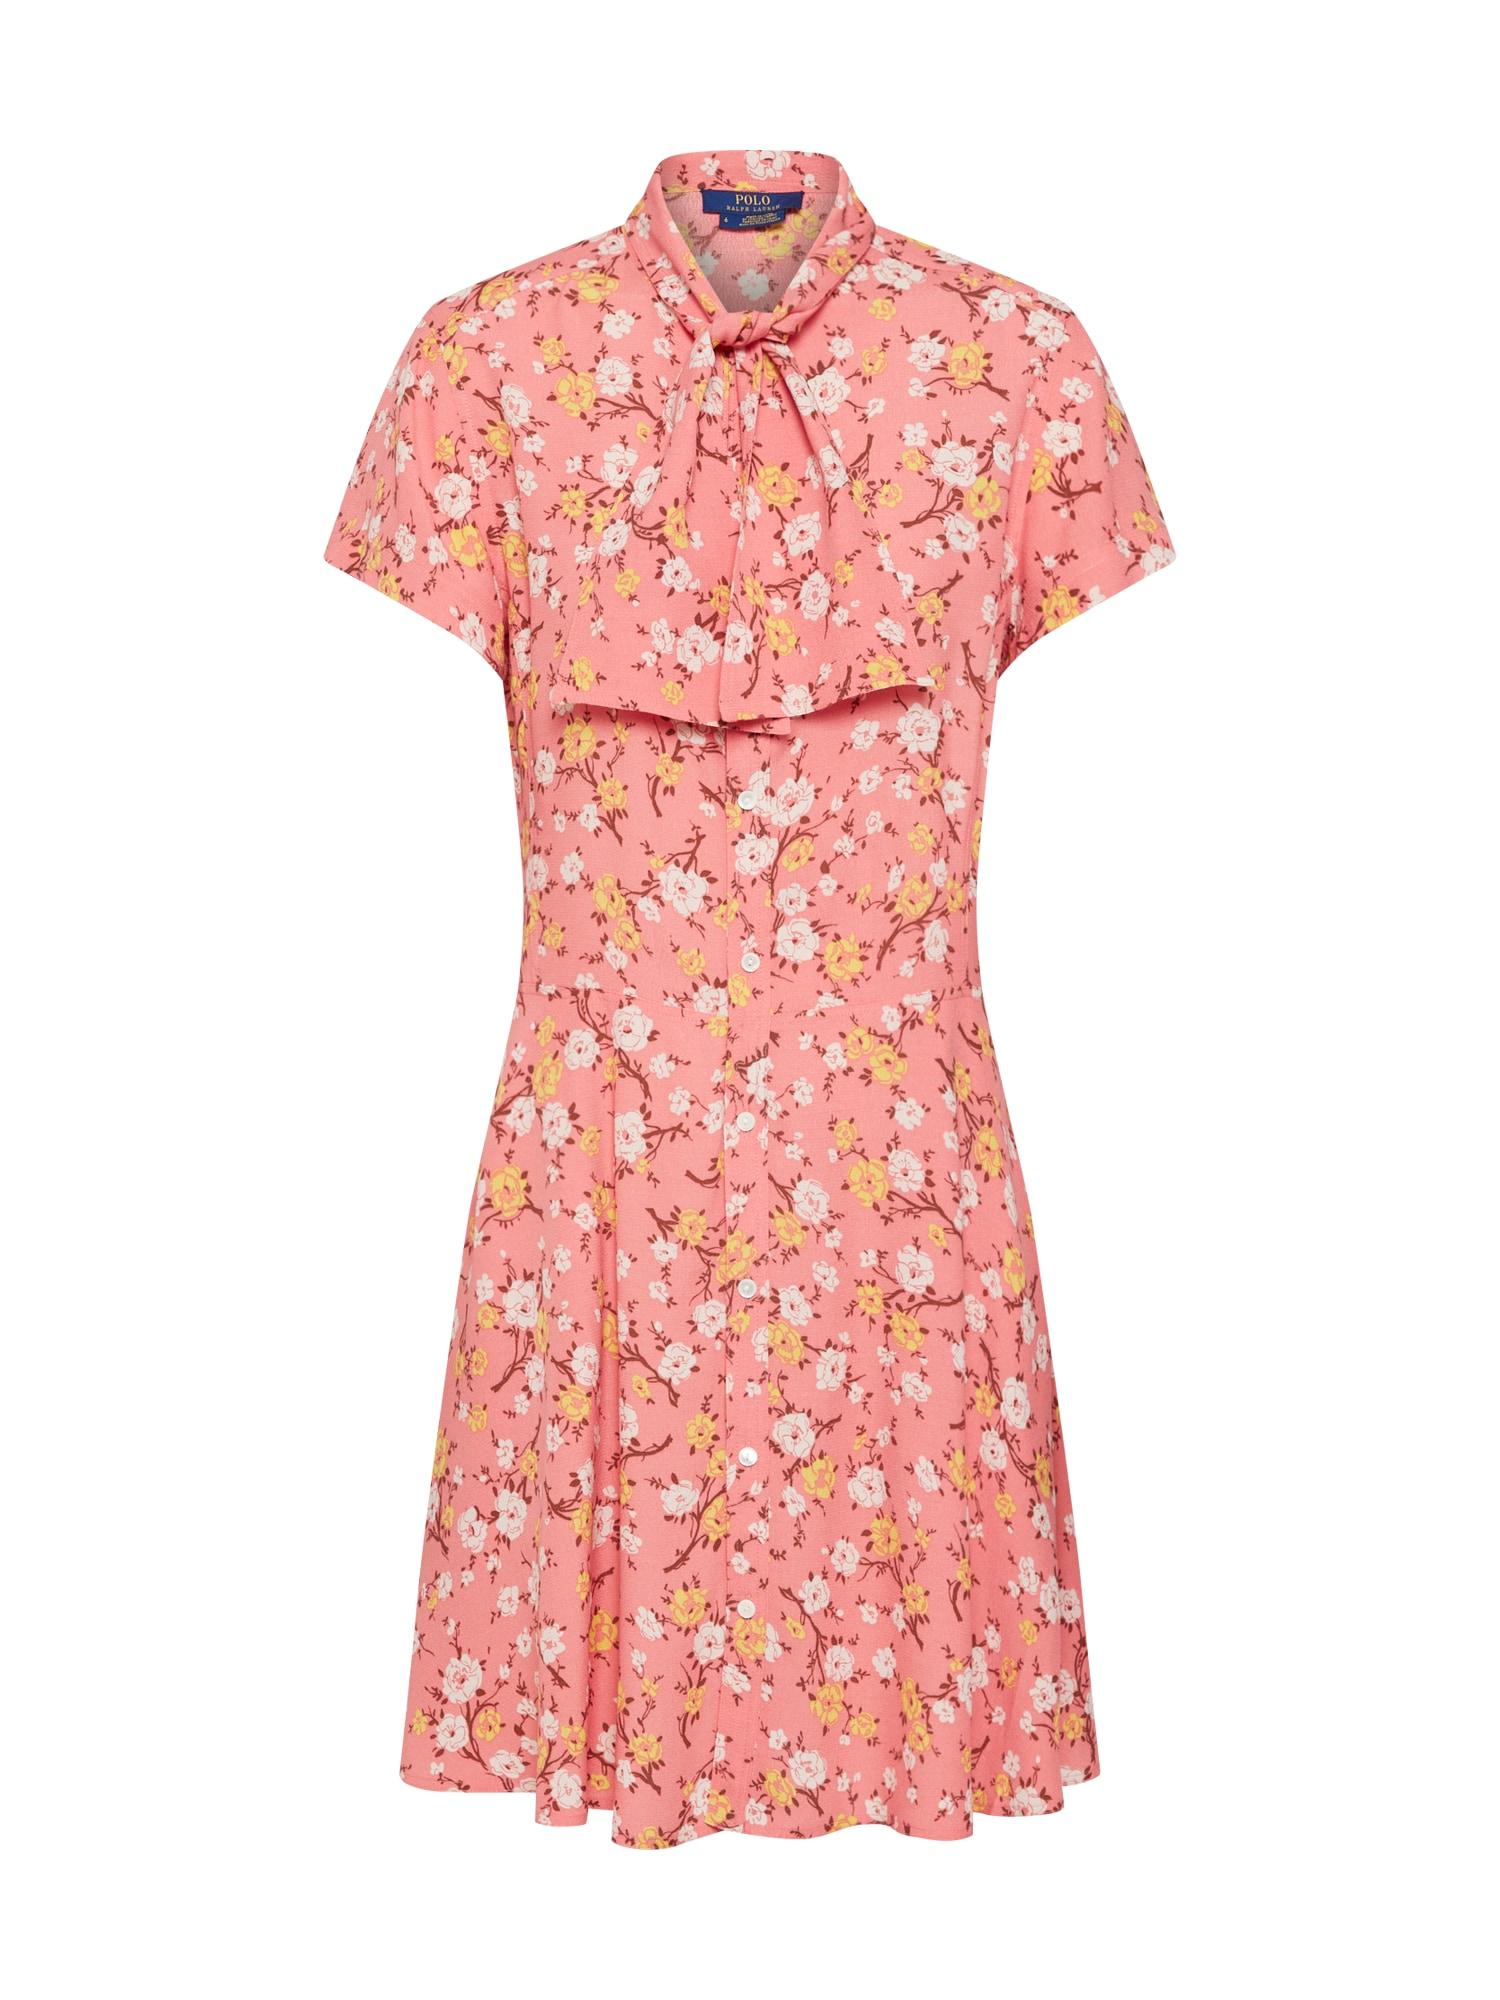 Košilové šaty SS BE DR-SHORT SLEEVE-CASUAL DRESS meruňková lososová POLO RALPH LAUREN